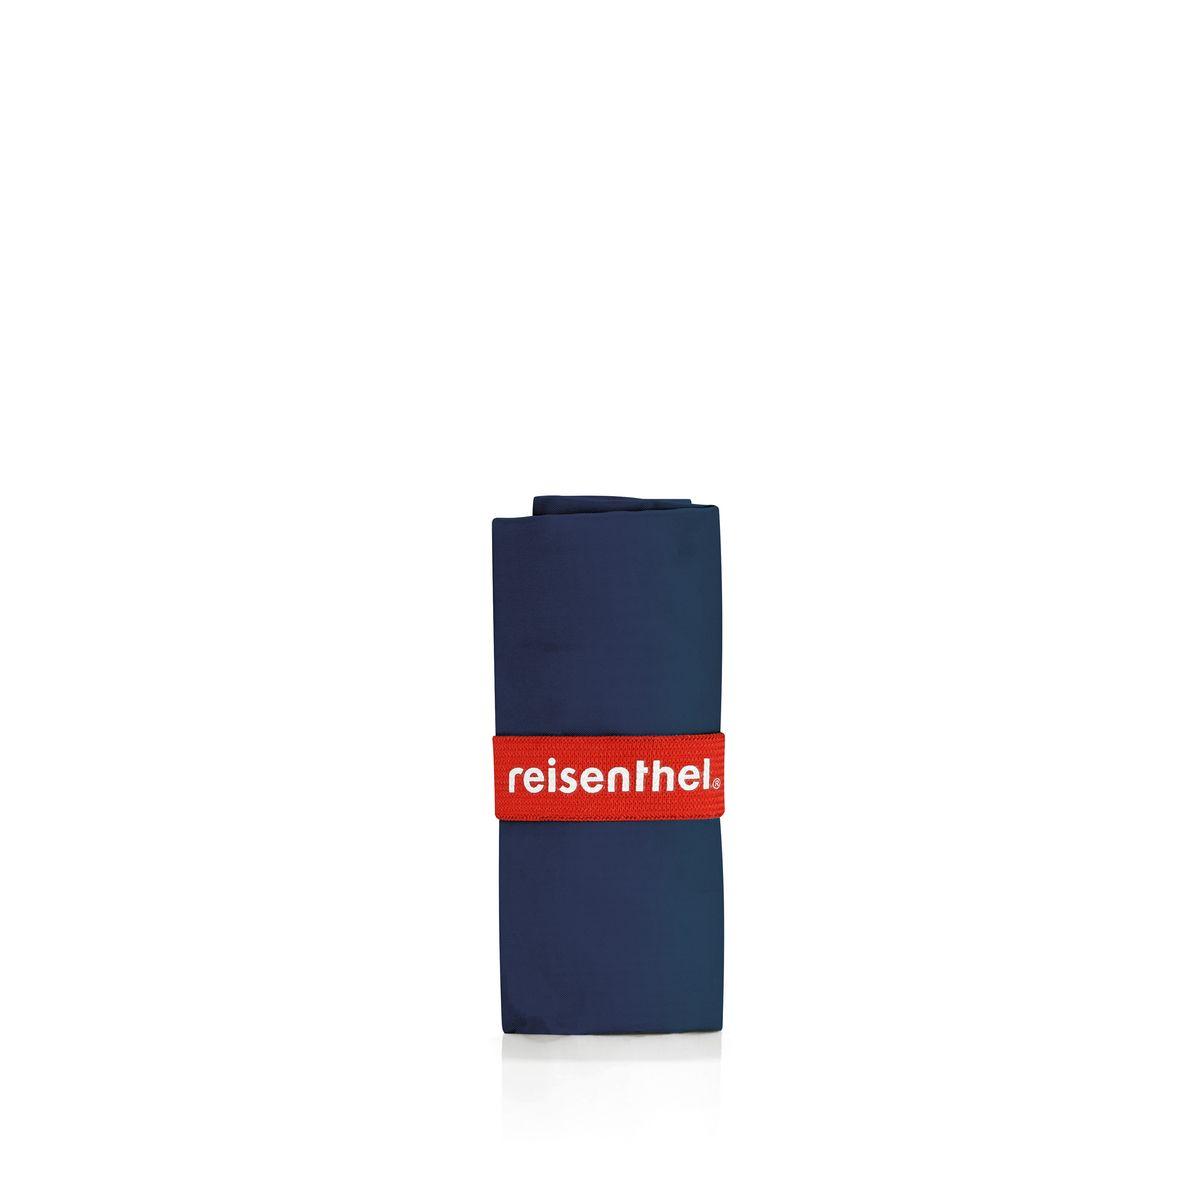 Sac mini maxi shopper bleu foncé 43.5cmx7cmx60cm - Reisenthel